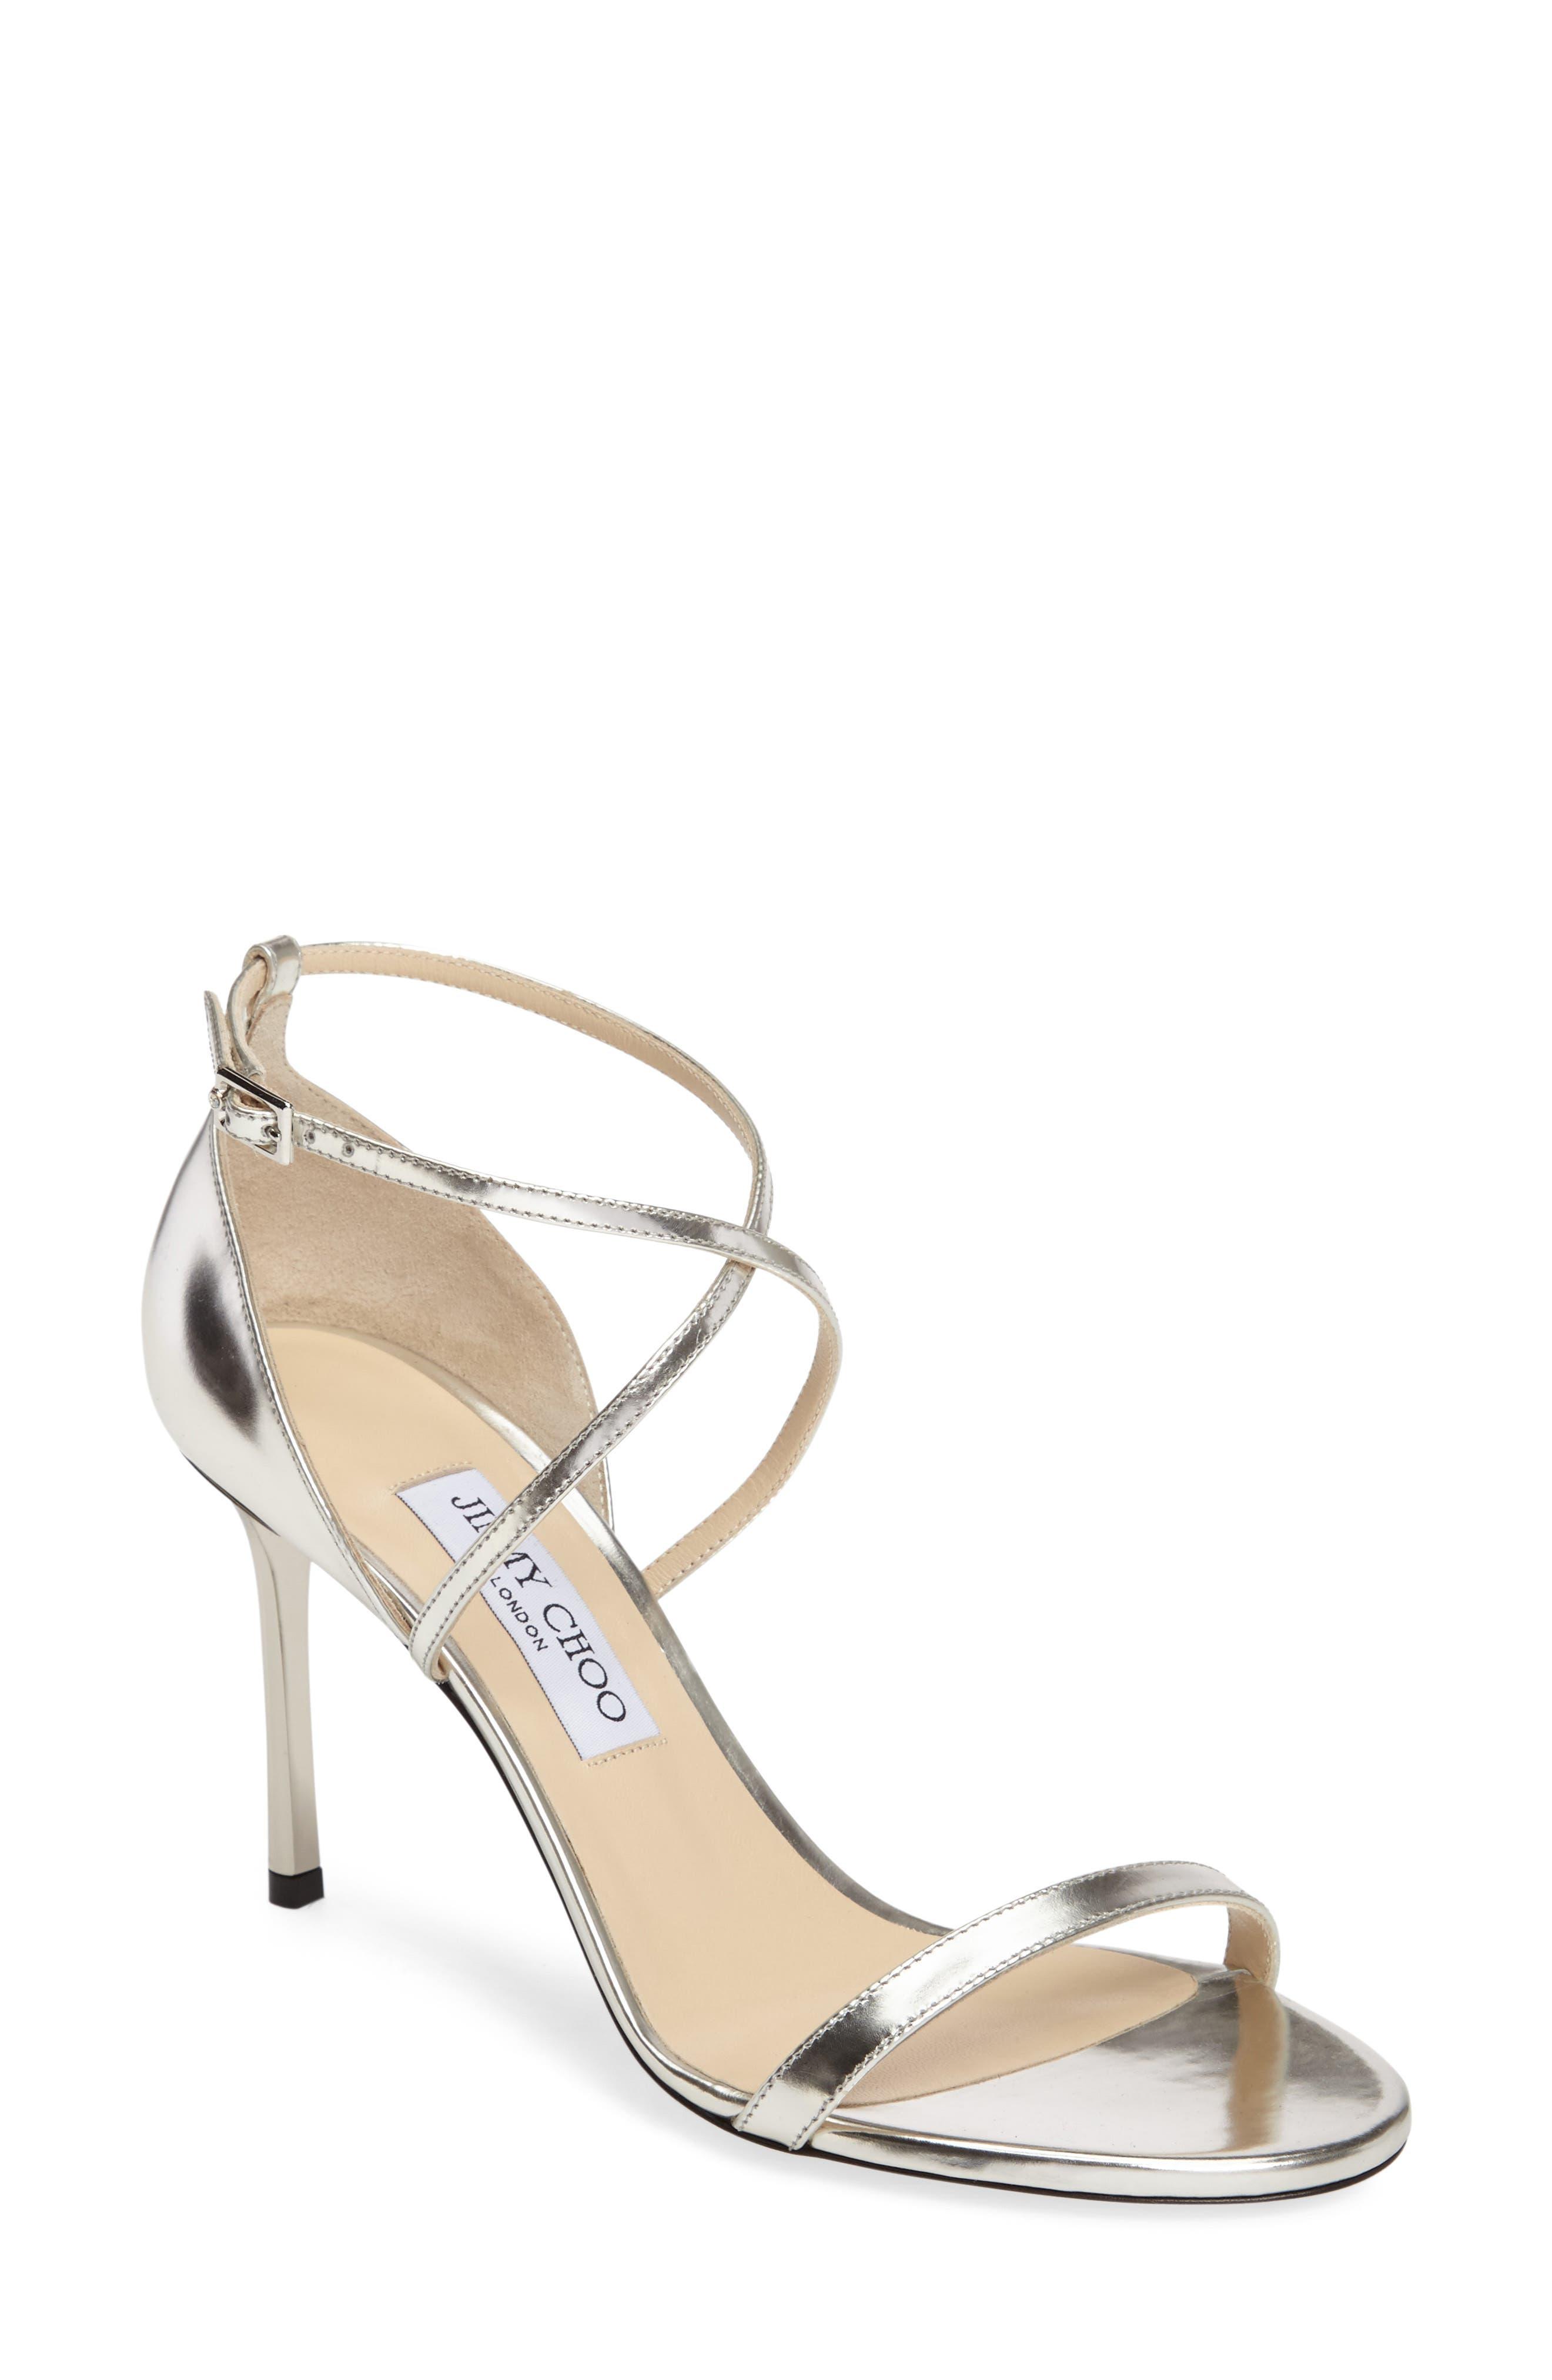 JIMMY CHOO 'Hesper' Ankle Strap Sandal